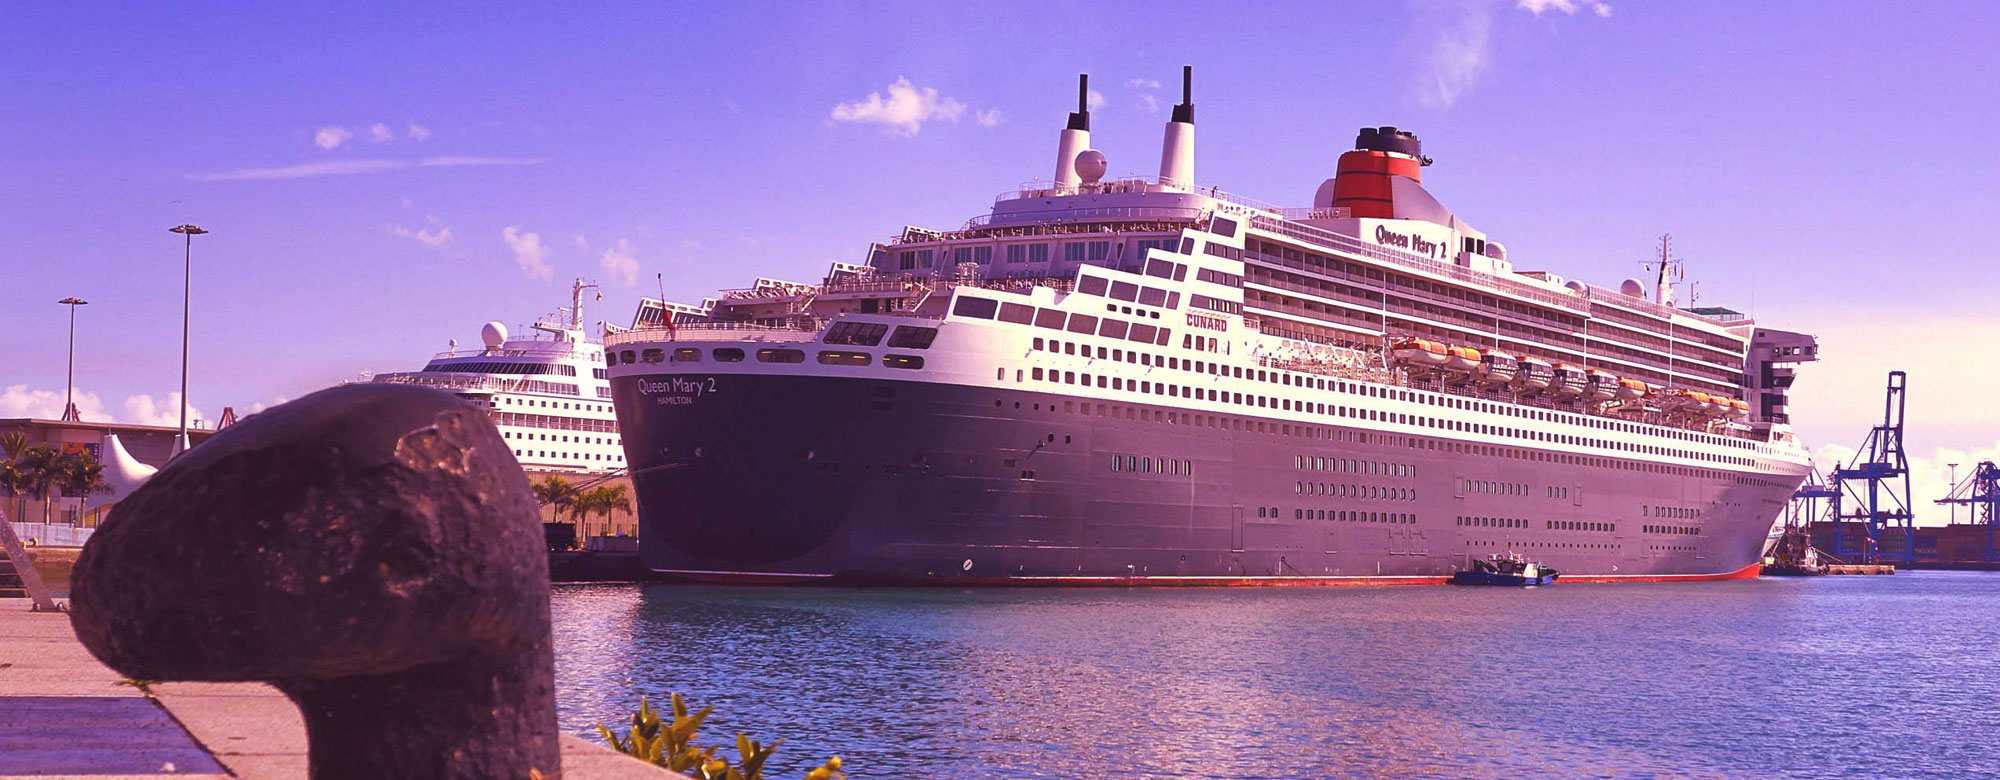 Queen mary 2 in port